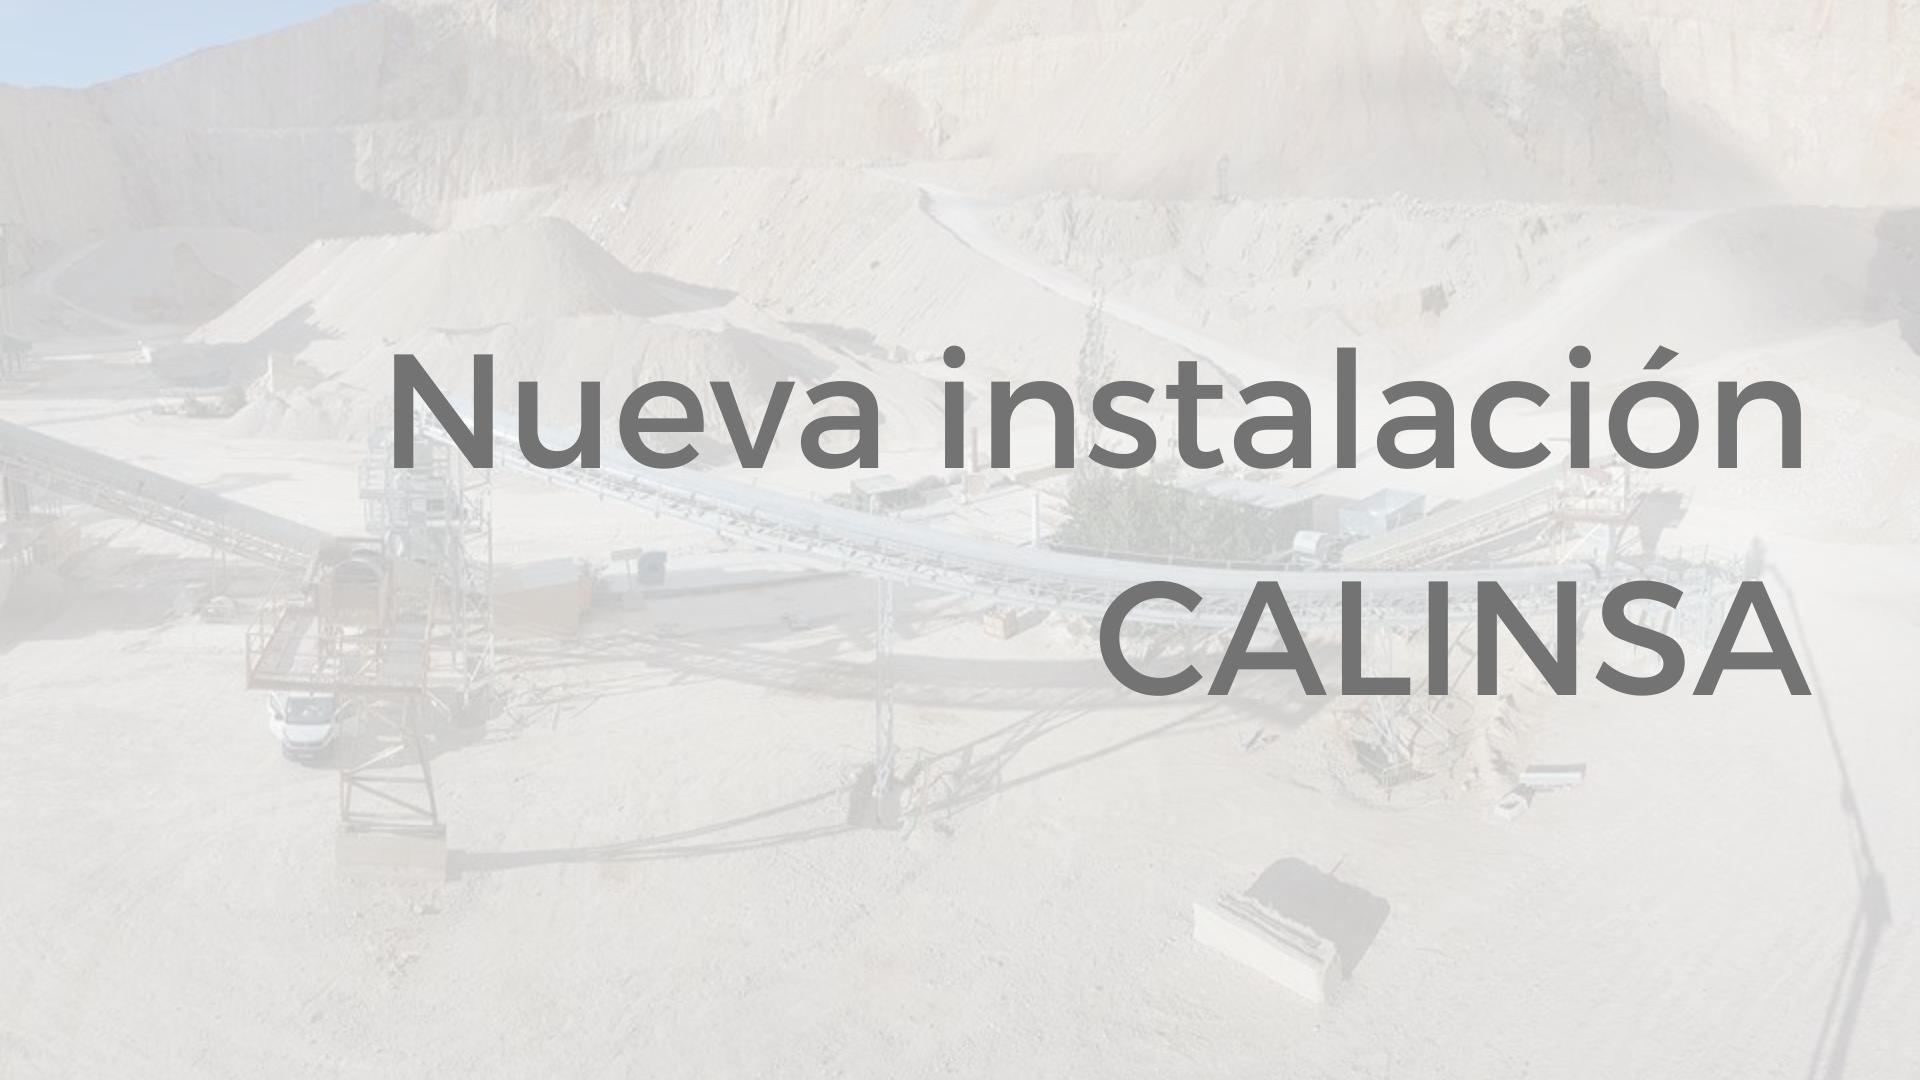 Nueva instalación miningland calinsa